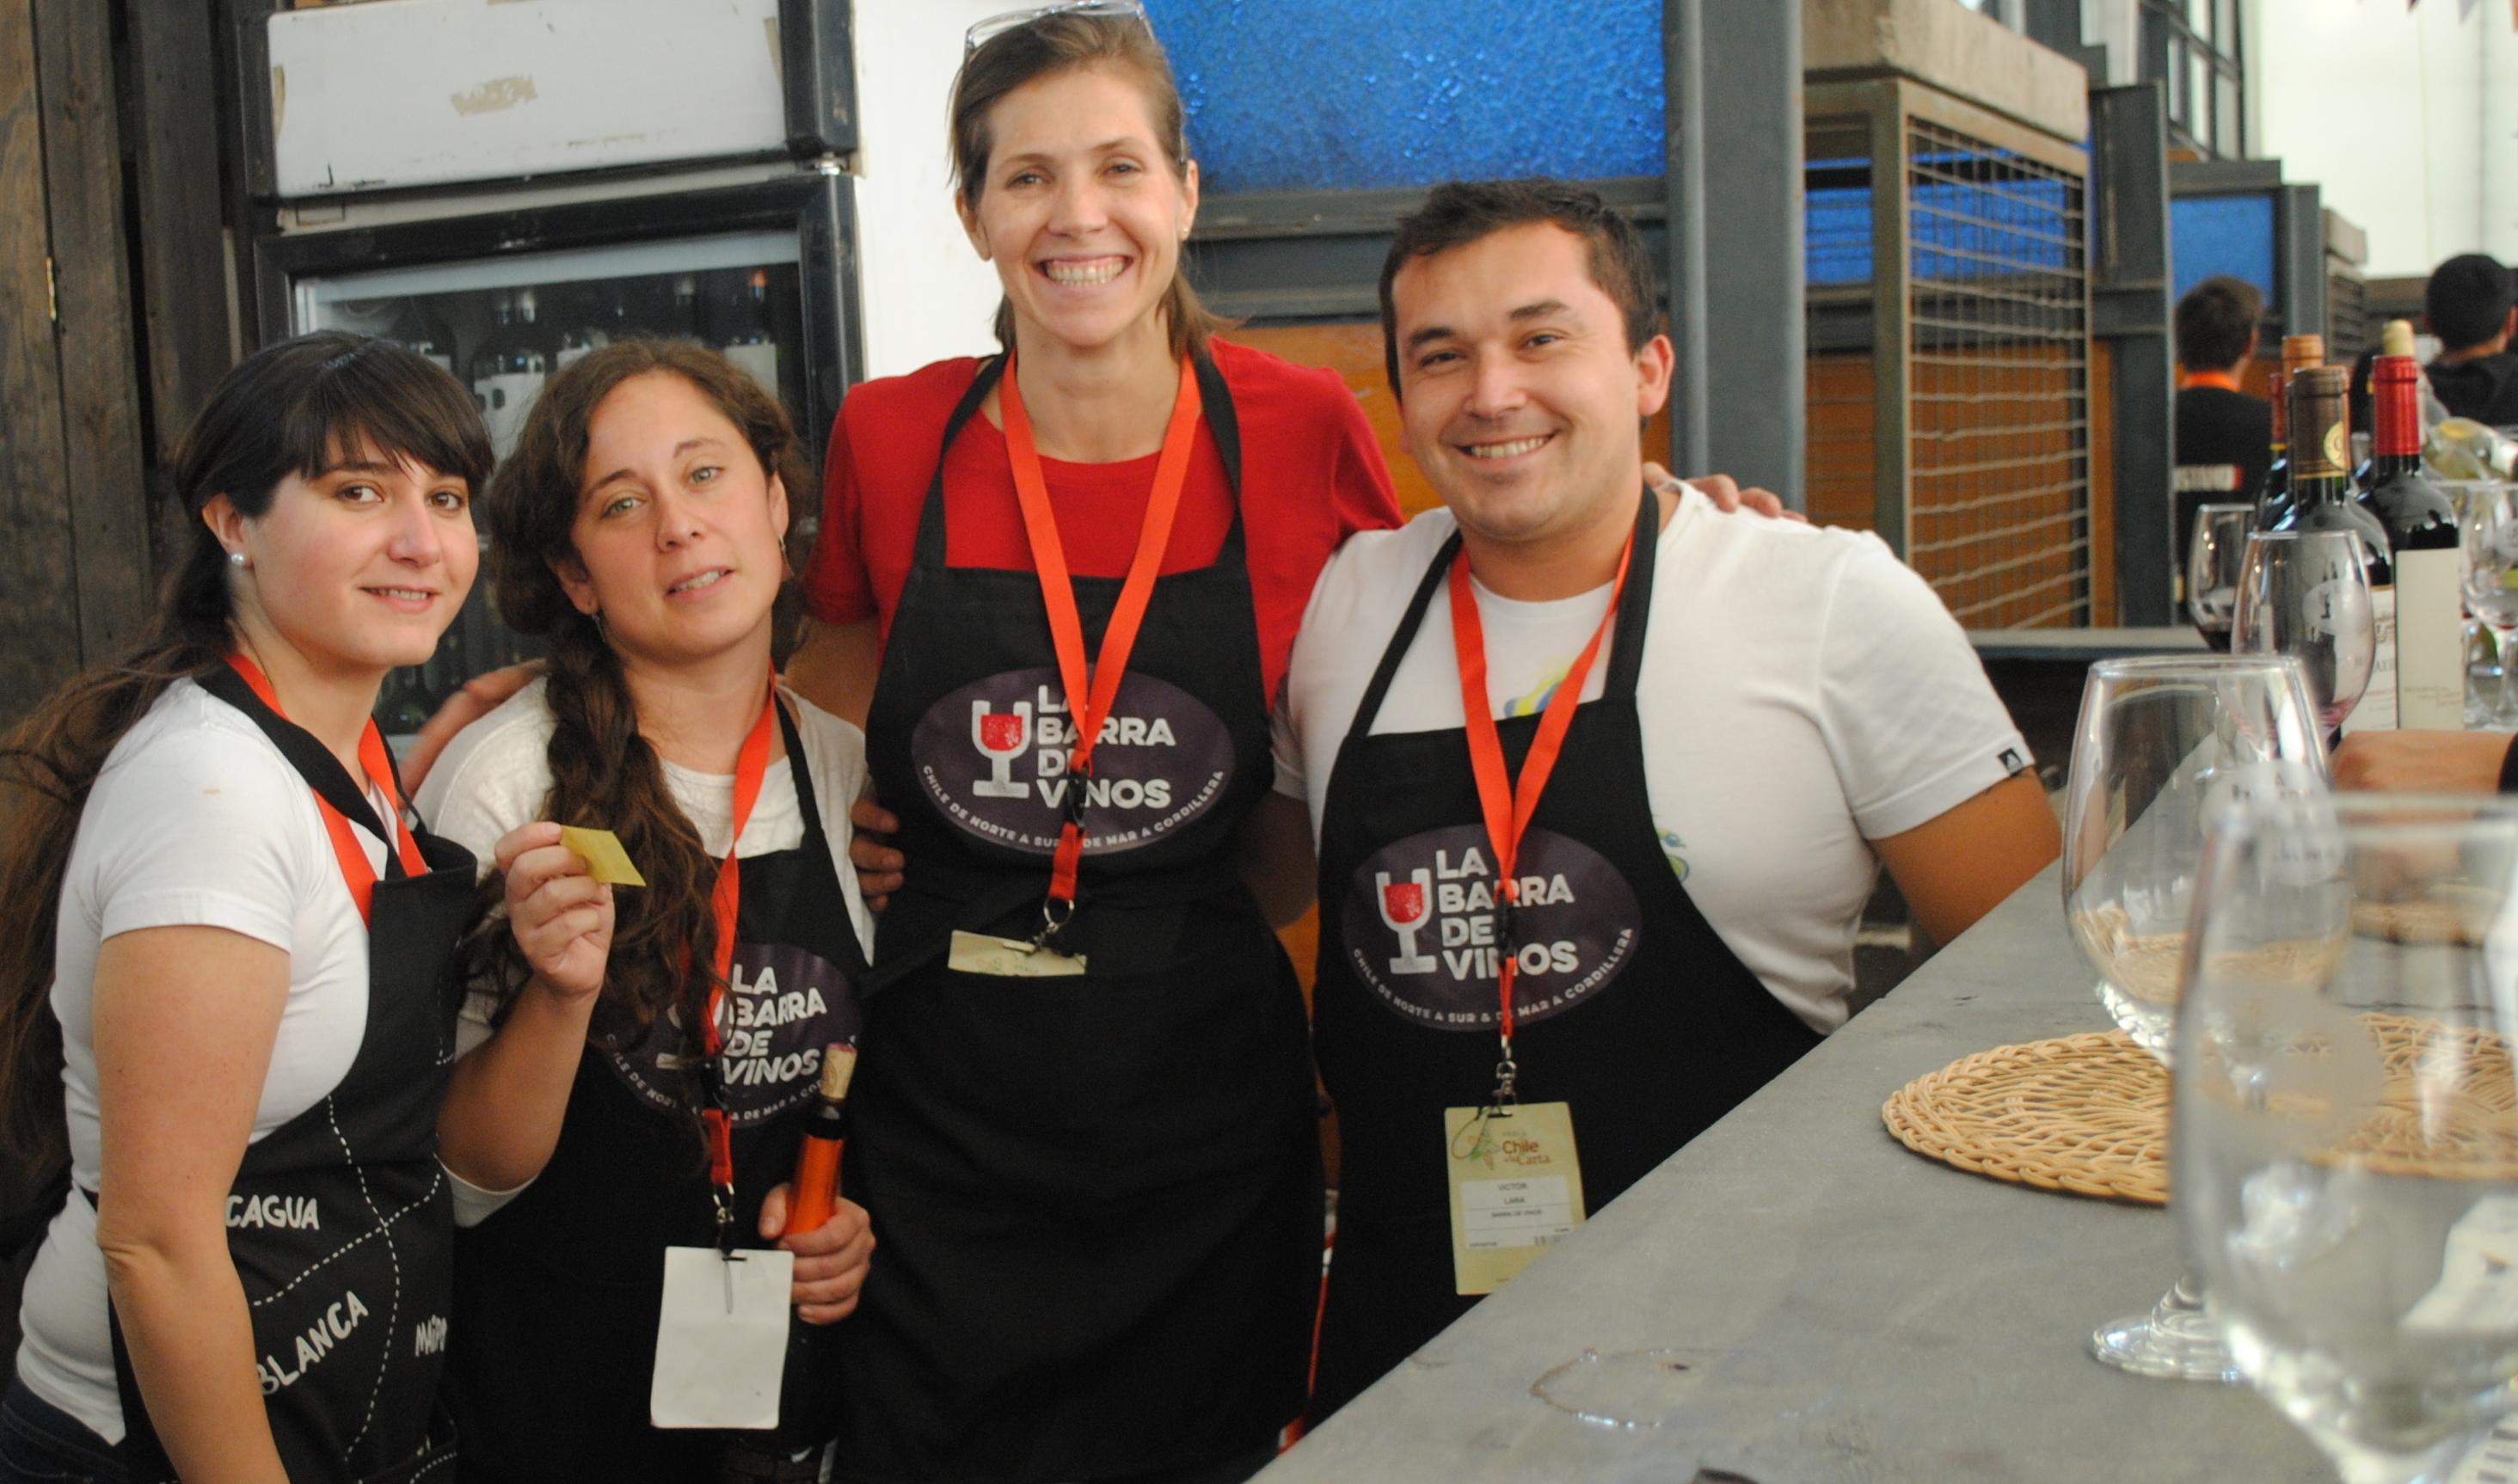 Mariana Martinez y su equipo de la Barra de Vinos. Foto: biobiochile.cl